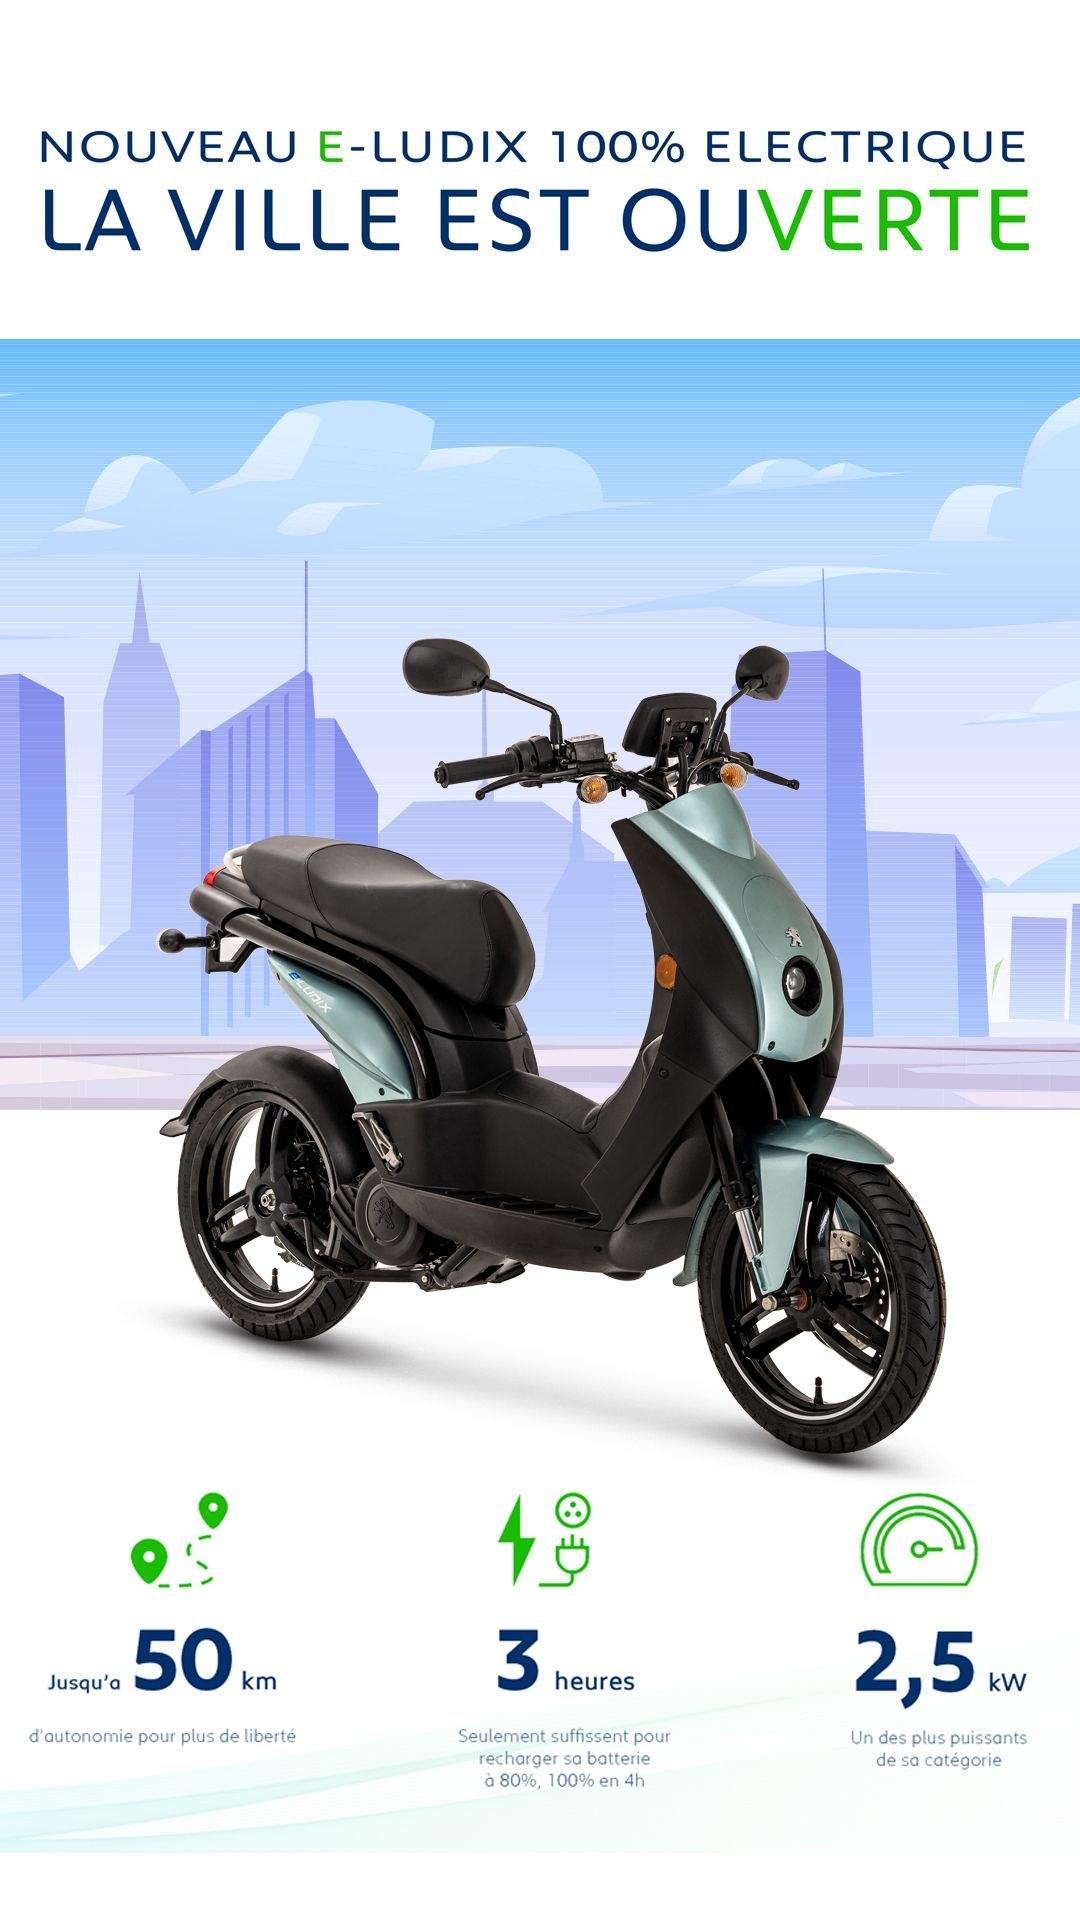 [News] Peugeot e-ludix 100% électrique